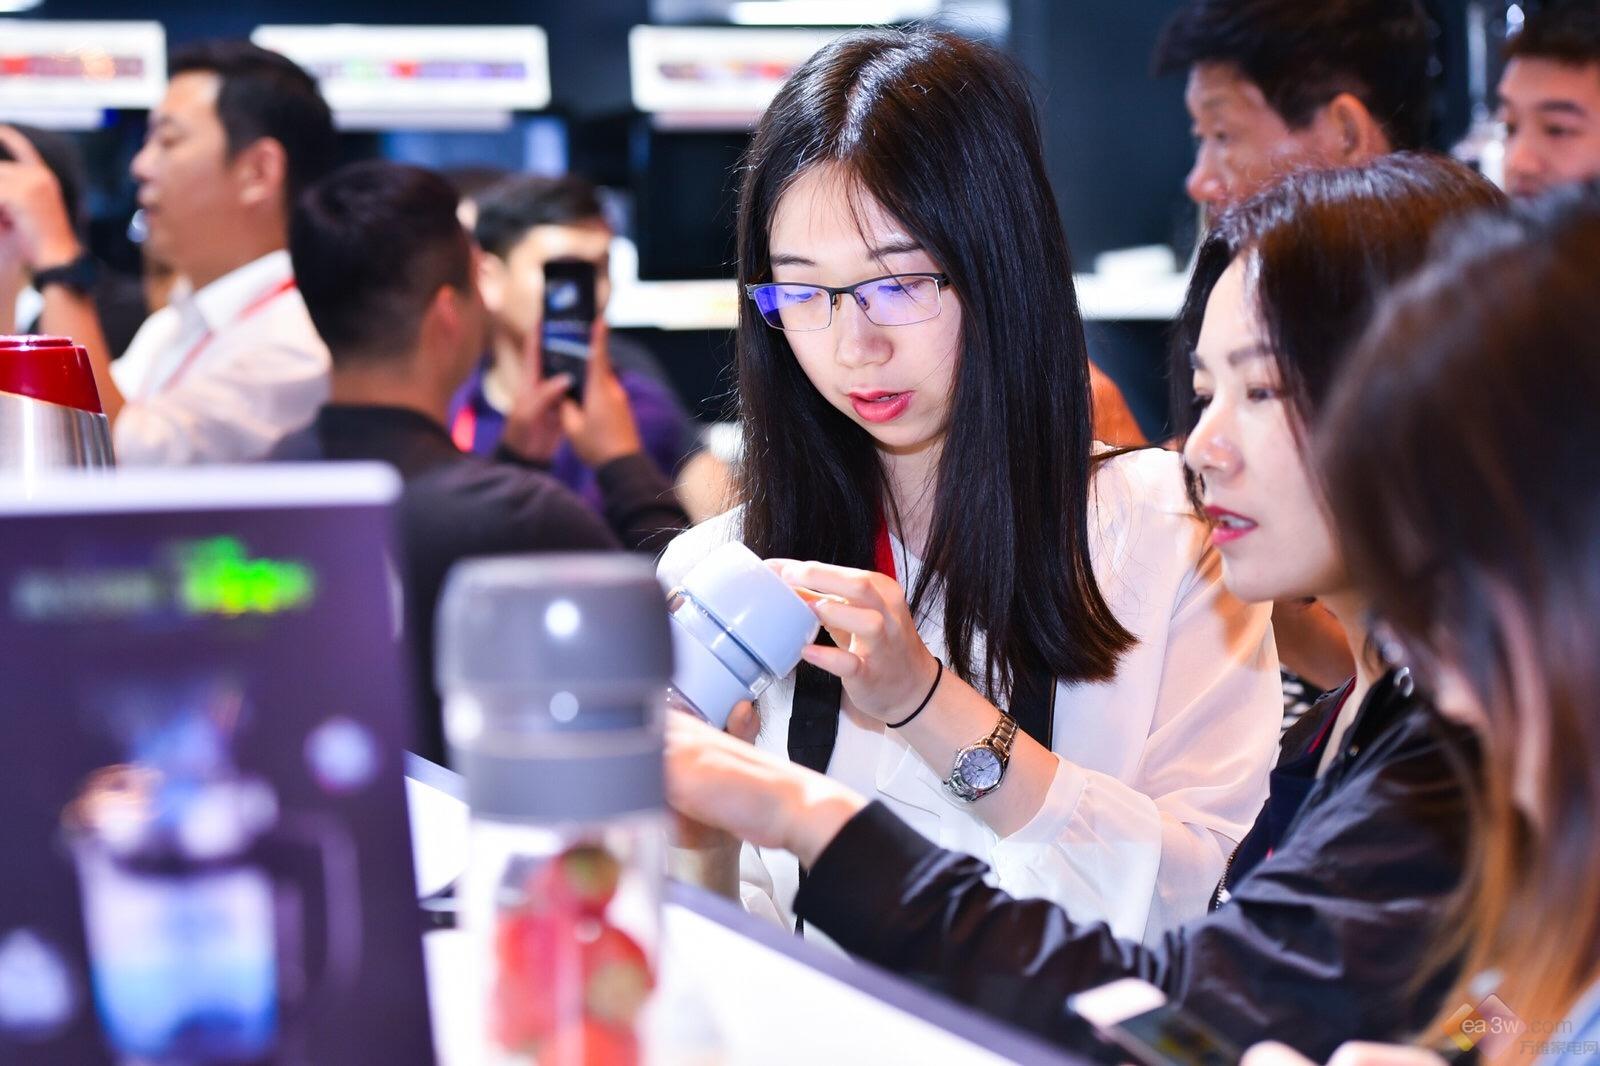 格兰仕引领家电产业科技变革,见证智慧家居趋势